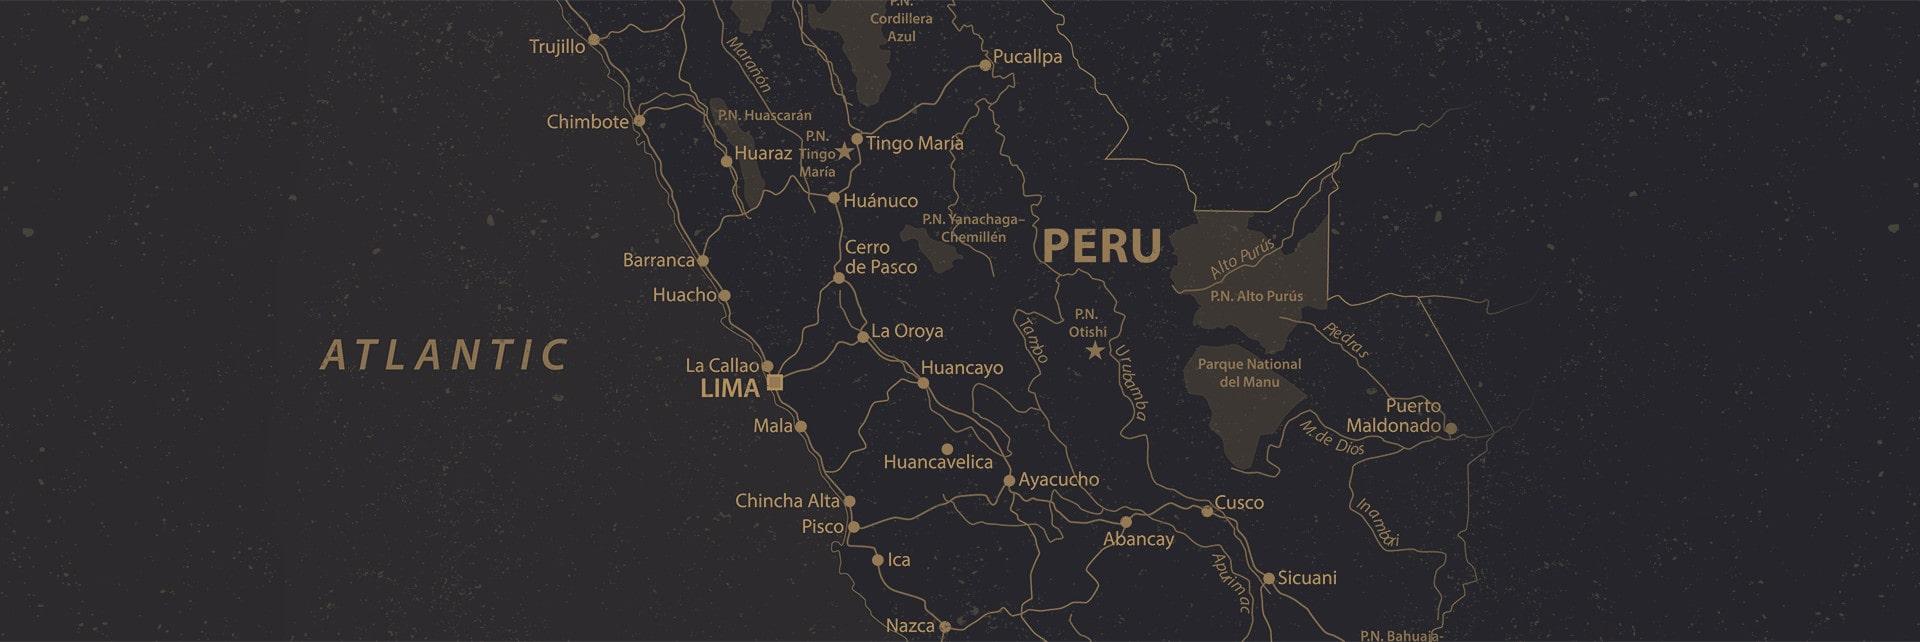 peru-map-tourleaders-peru